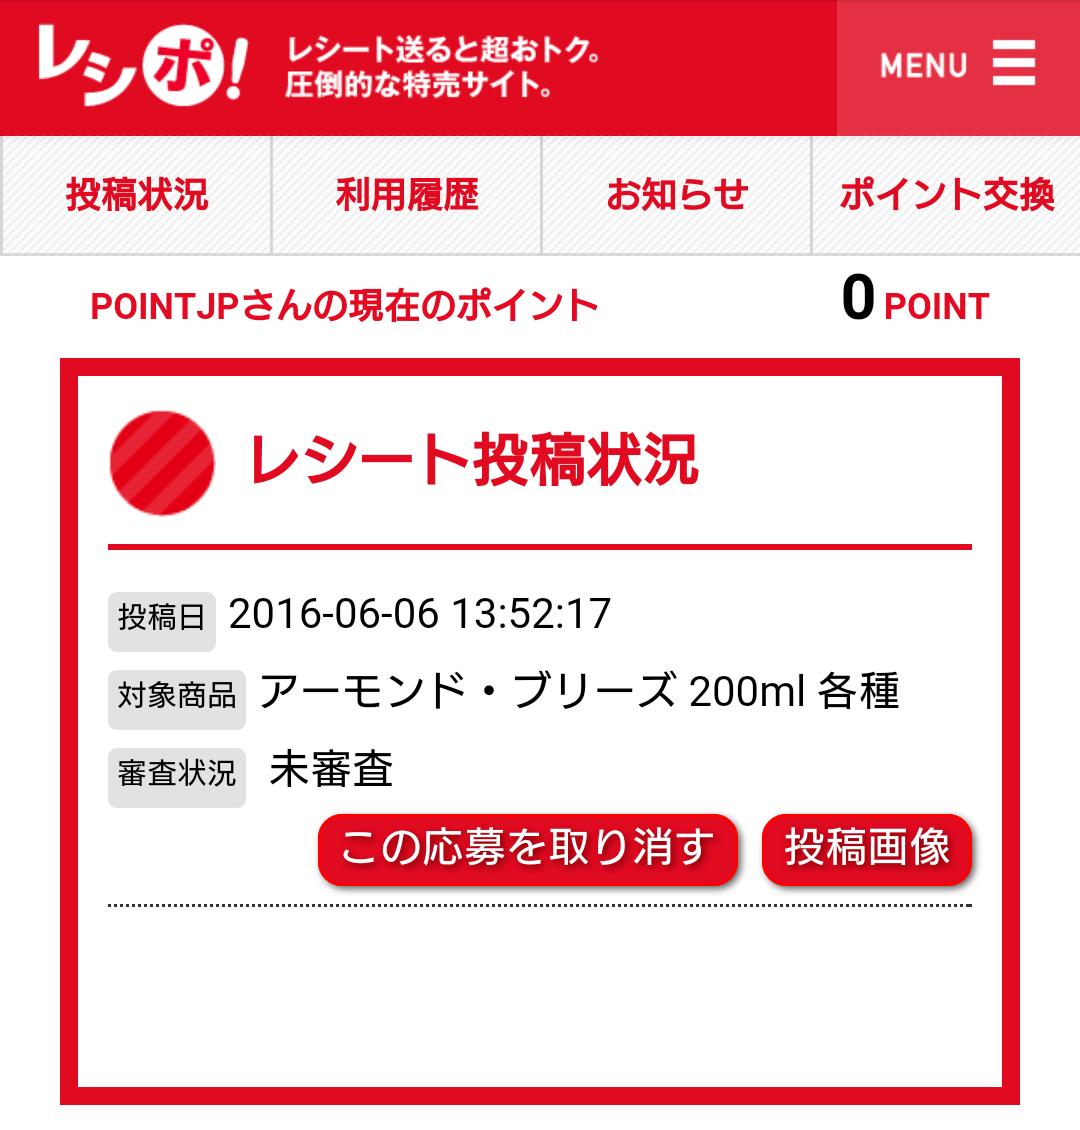 レシポ/未審査